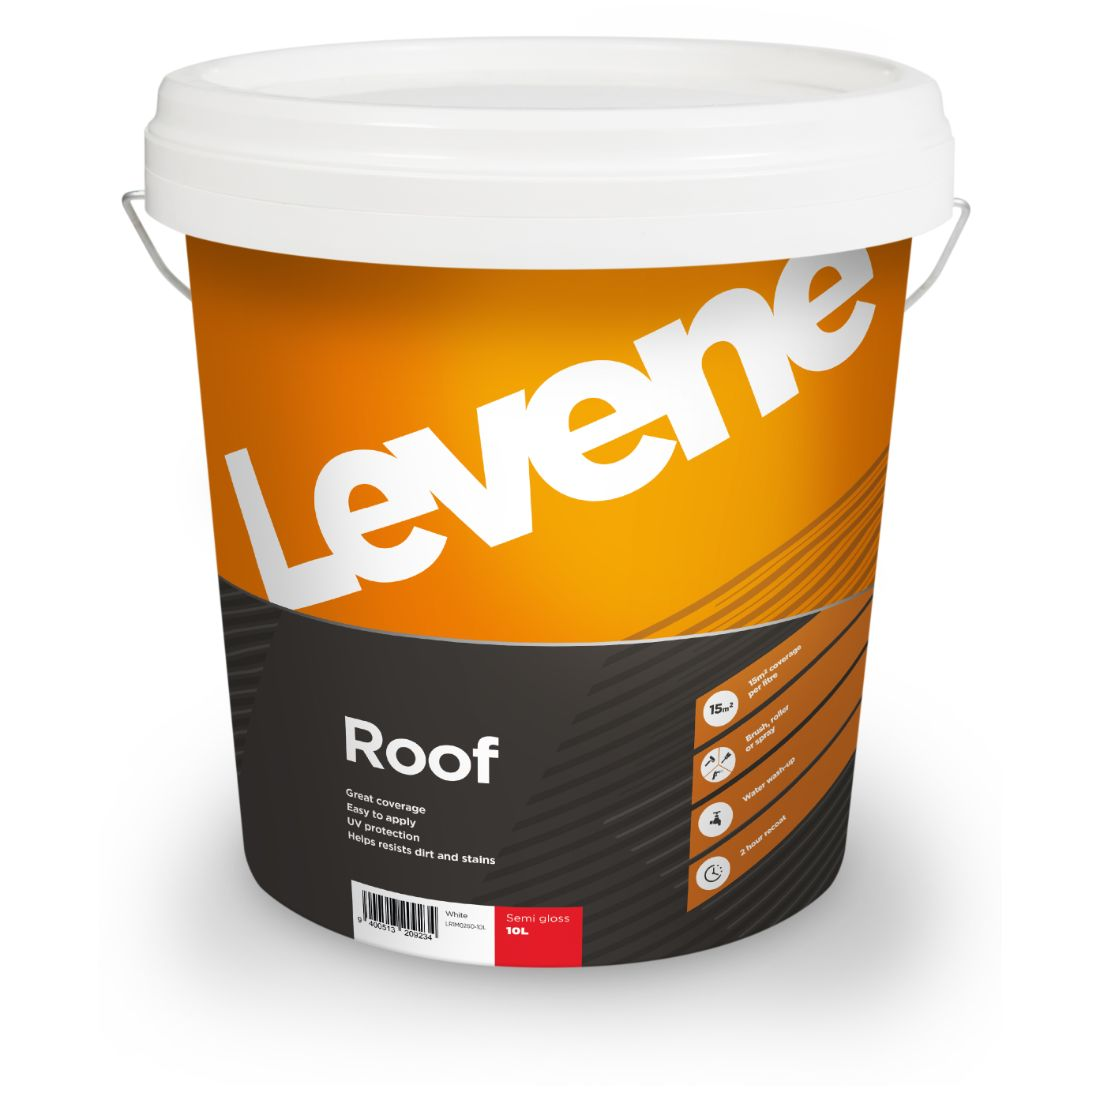 Roof Semi Gloss Extra Bright 10L